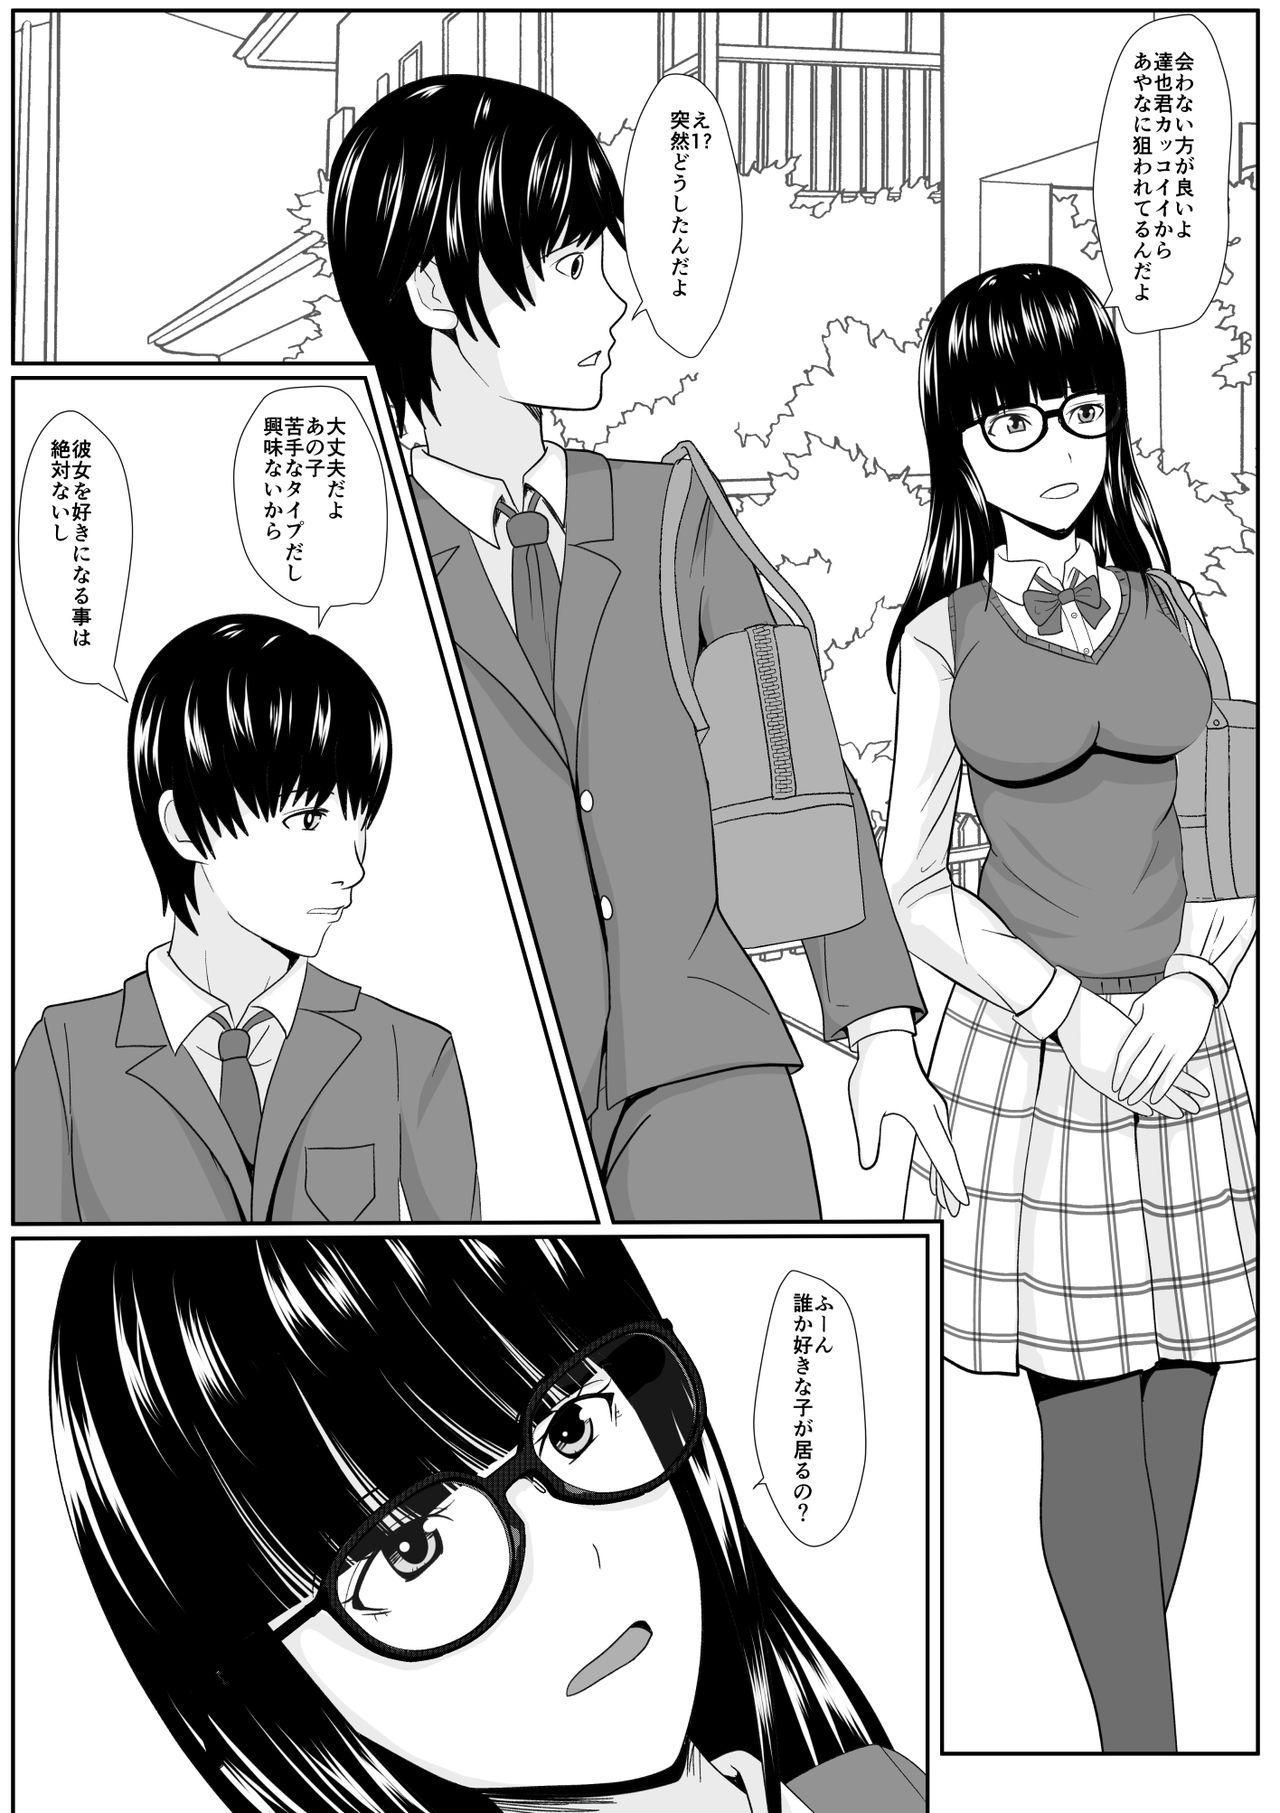 Sakasama 7